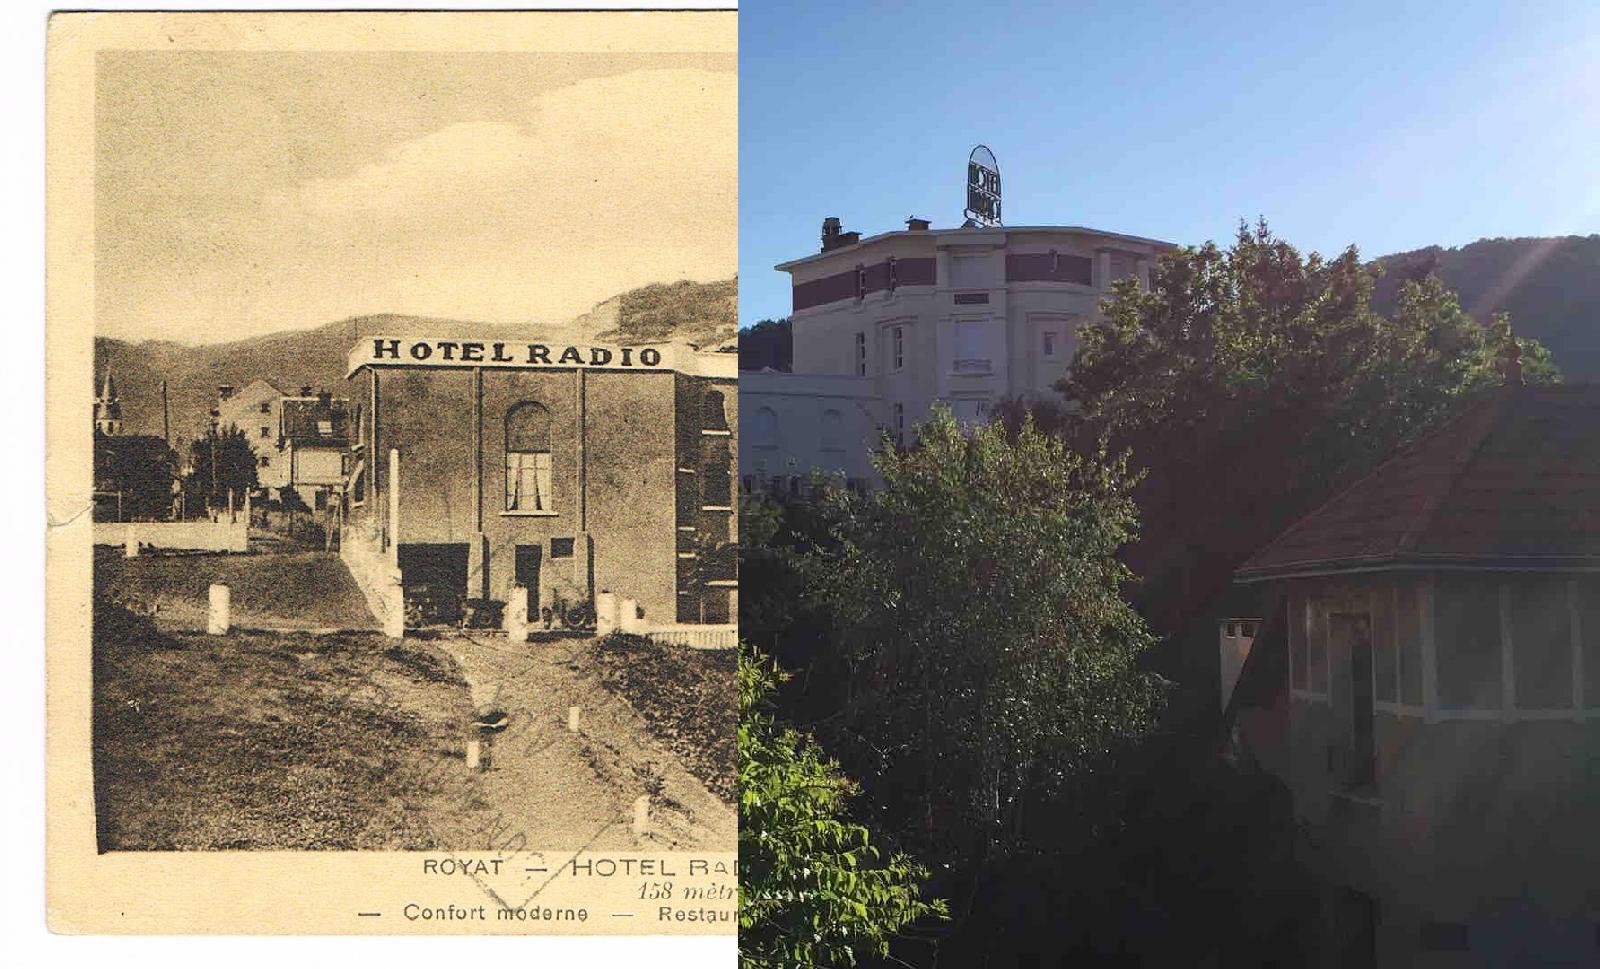 Royat - Royat - INSEE 63308 - Hôtel RADIO. Av de Sedaiges.